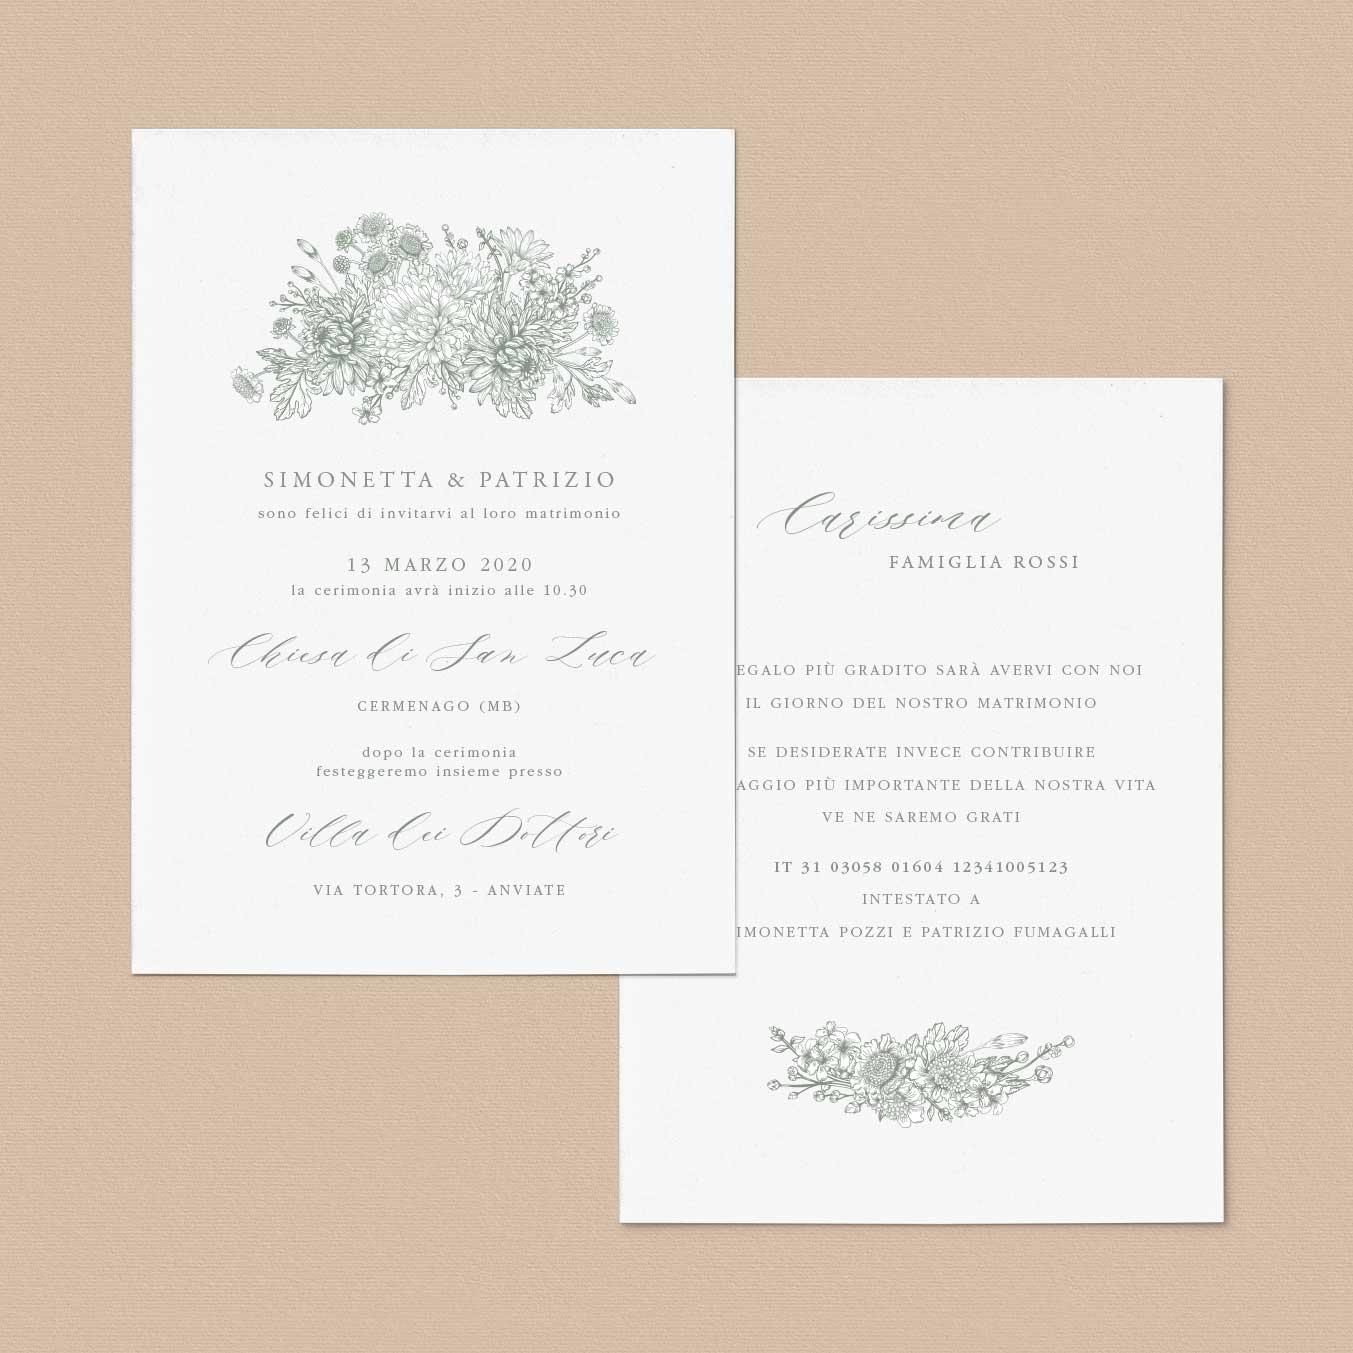 Inviti-di-matrimonio-partecipazioni-di-nozze-fiori-girasoli-tulipani-peonie-shabby-chic-tema-particolare-elegante